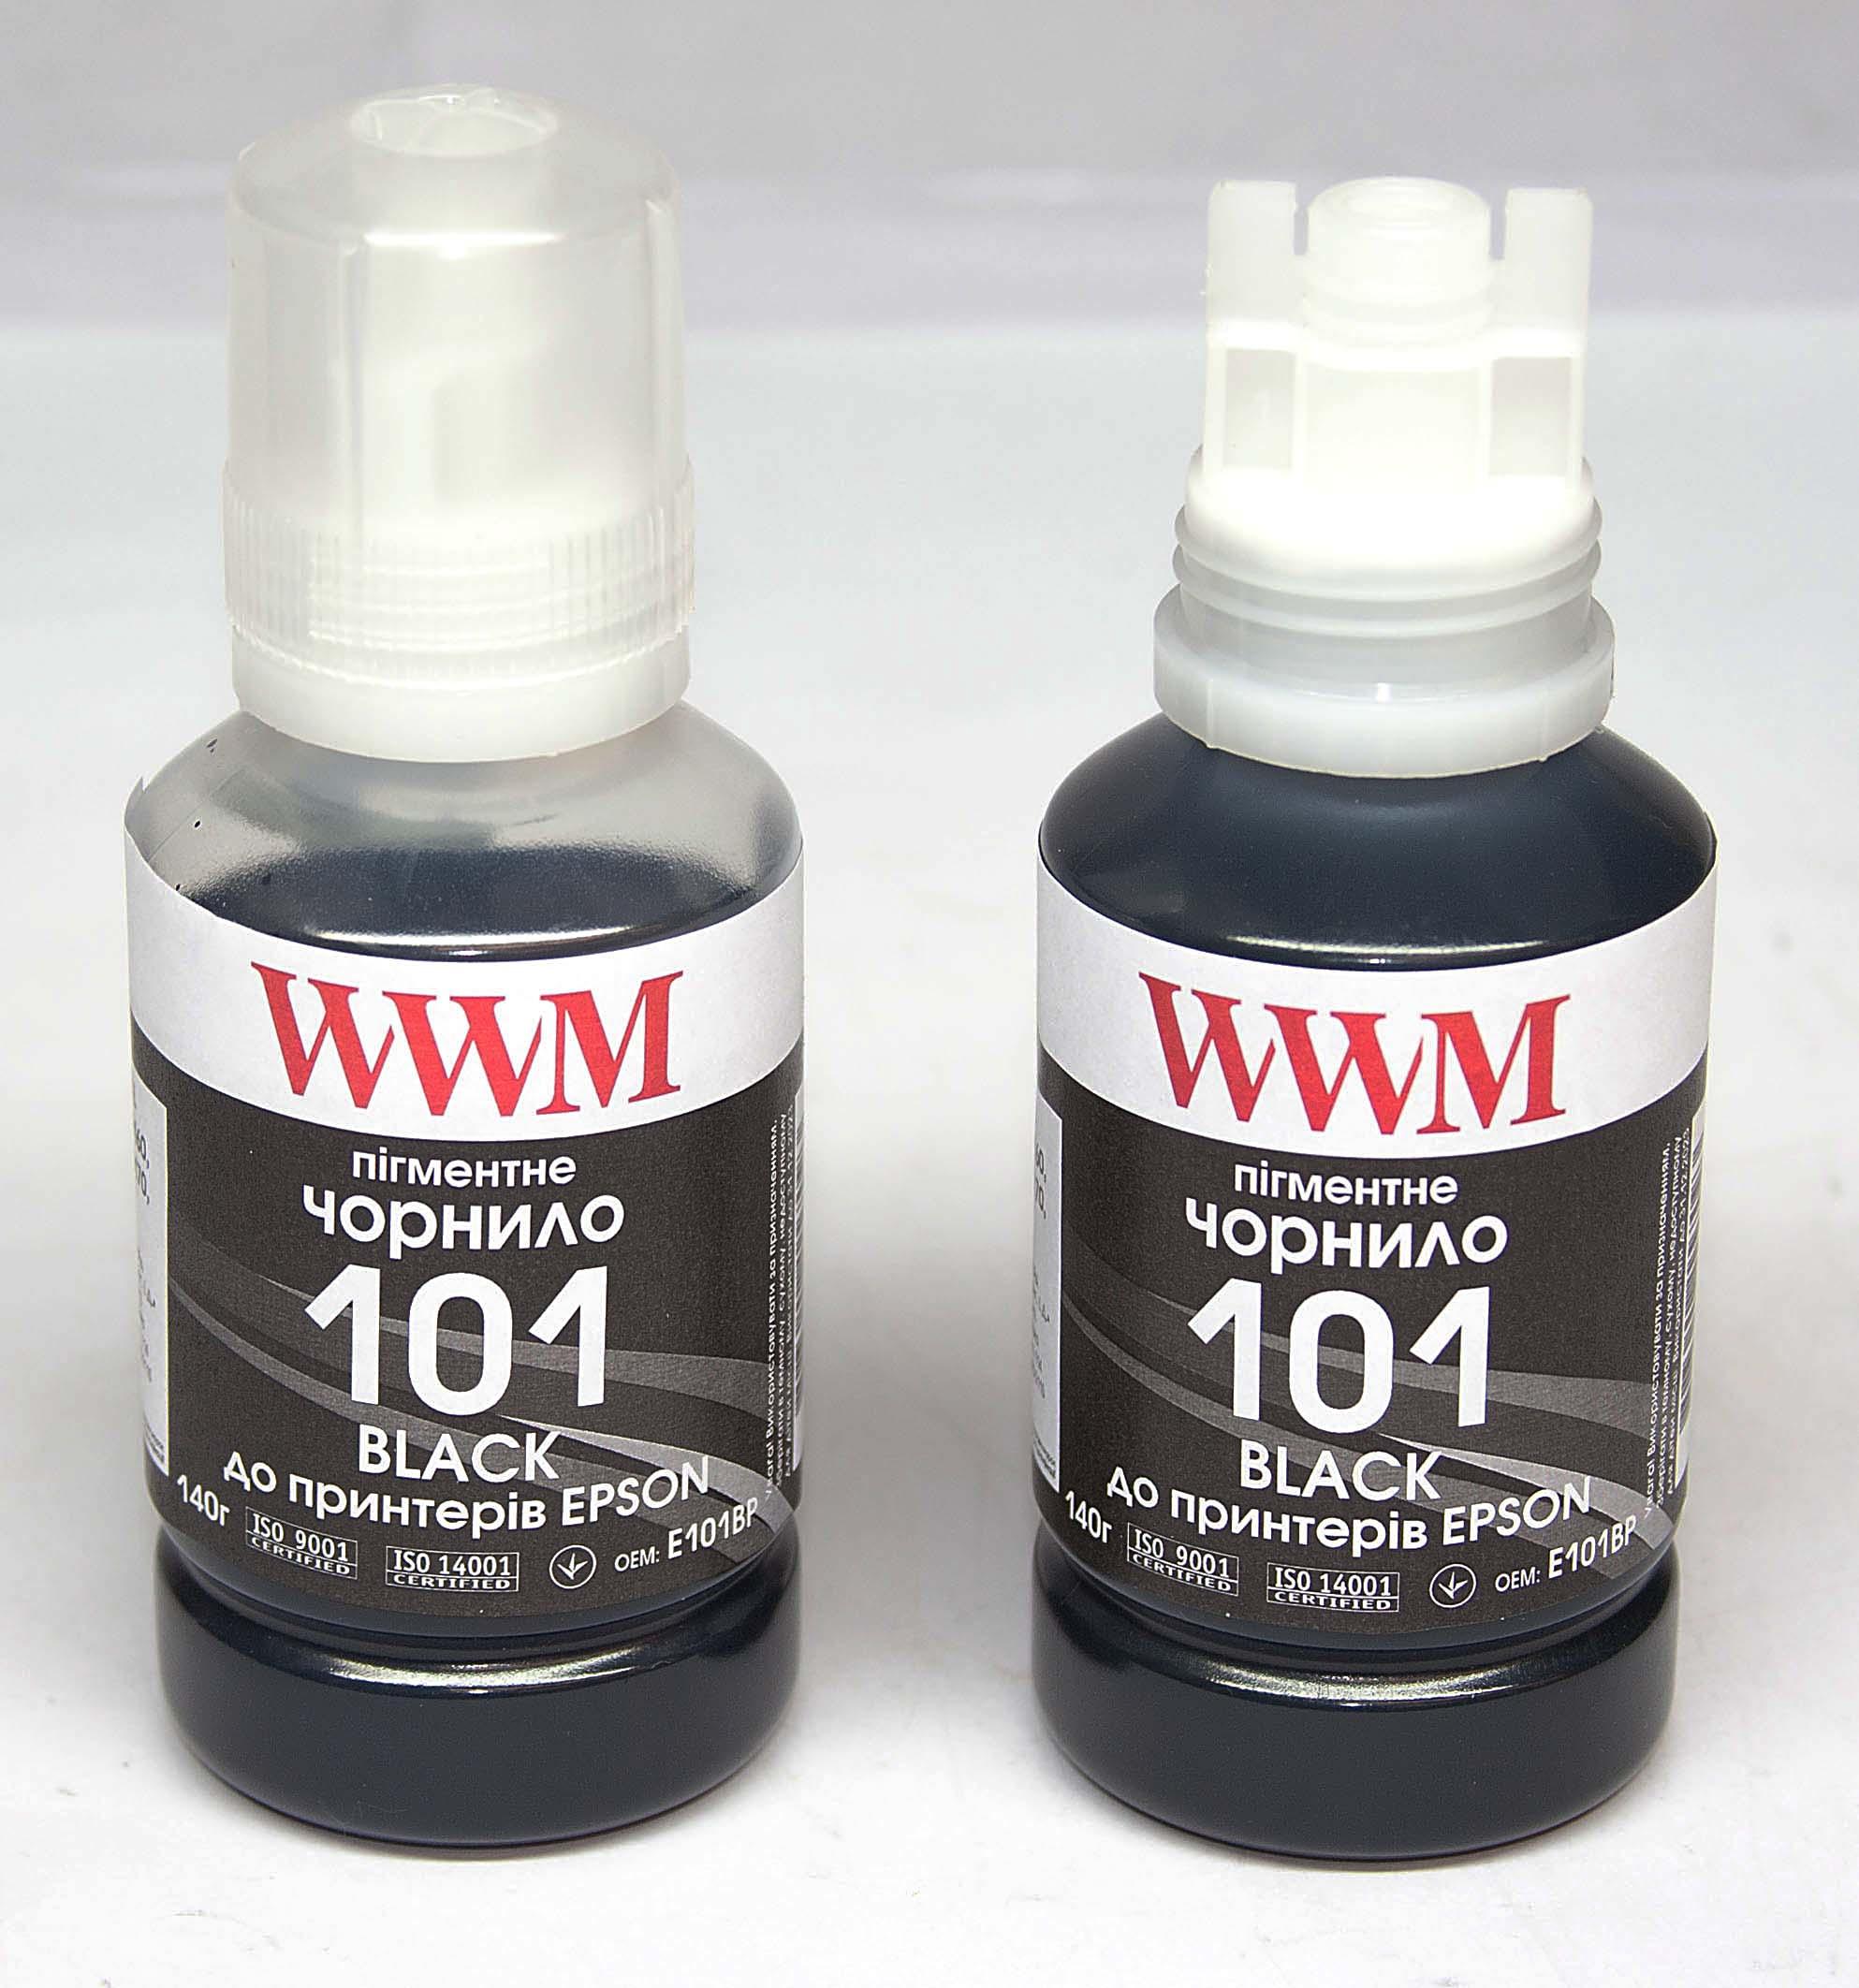 WWM 101